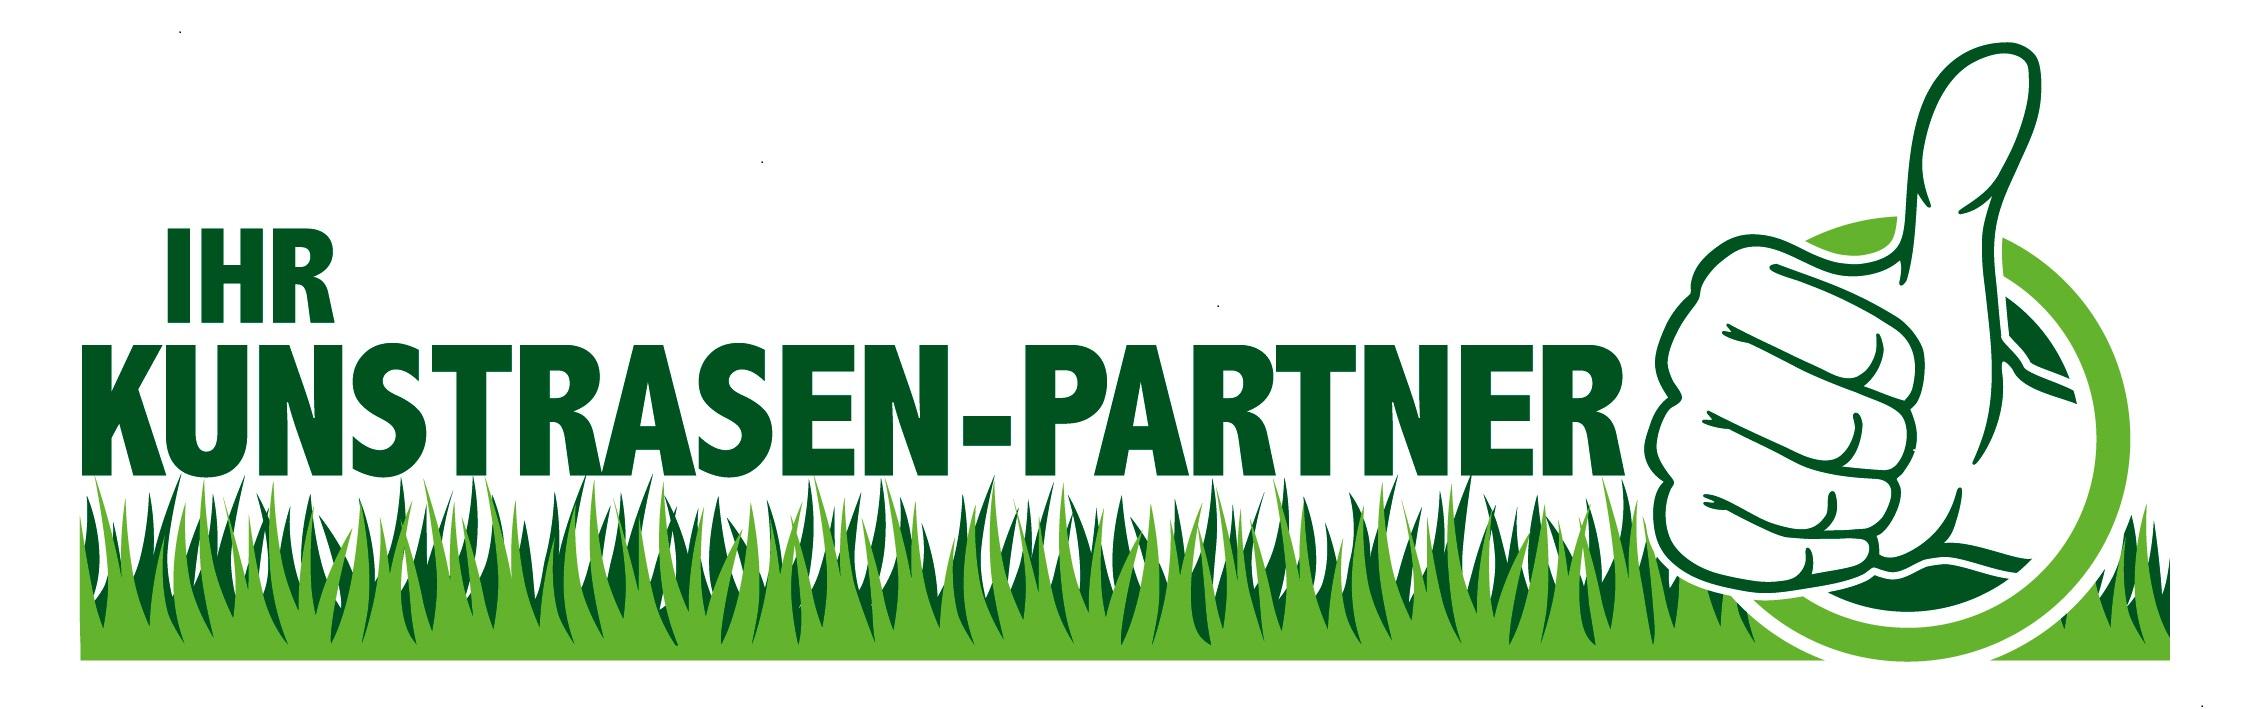 Kunstrasen-Partner.de Gartenwicht - Partner Landschafts und Gartenbau in Fürstenfeldbruck Garten Gartenwicht